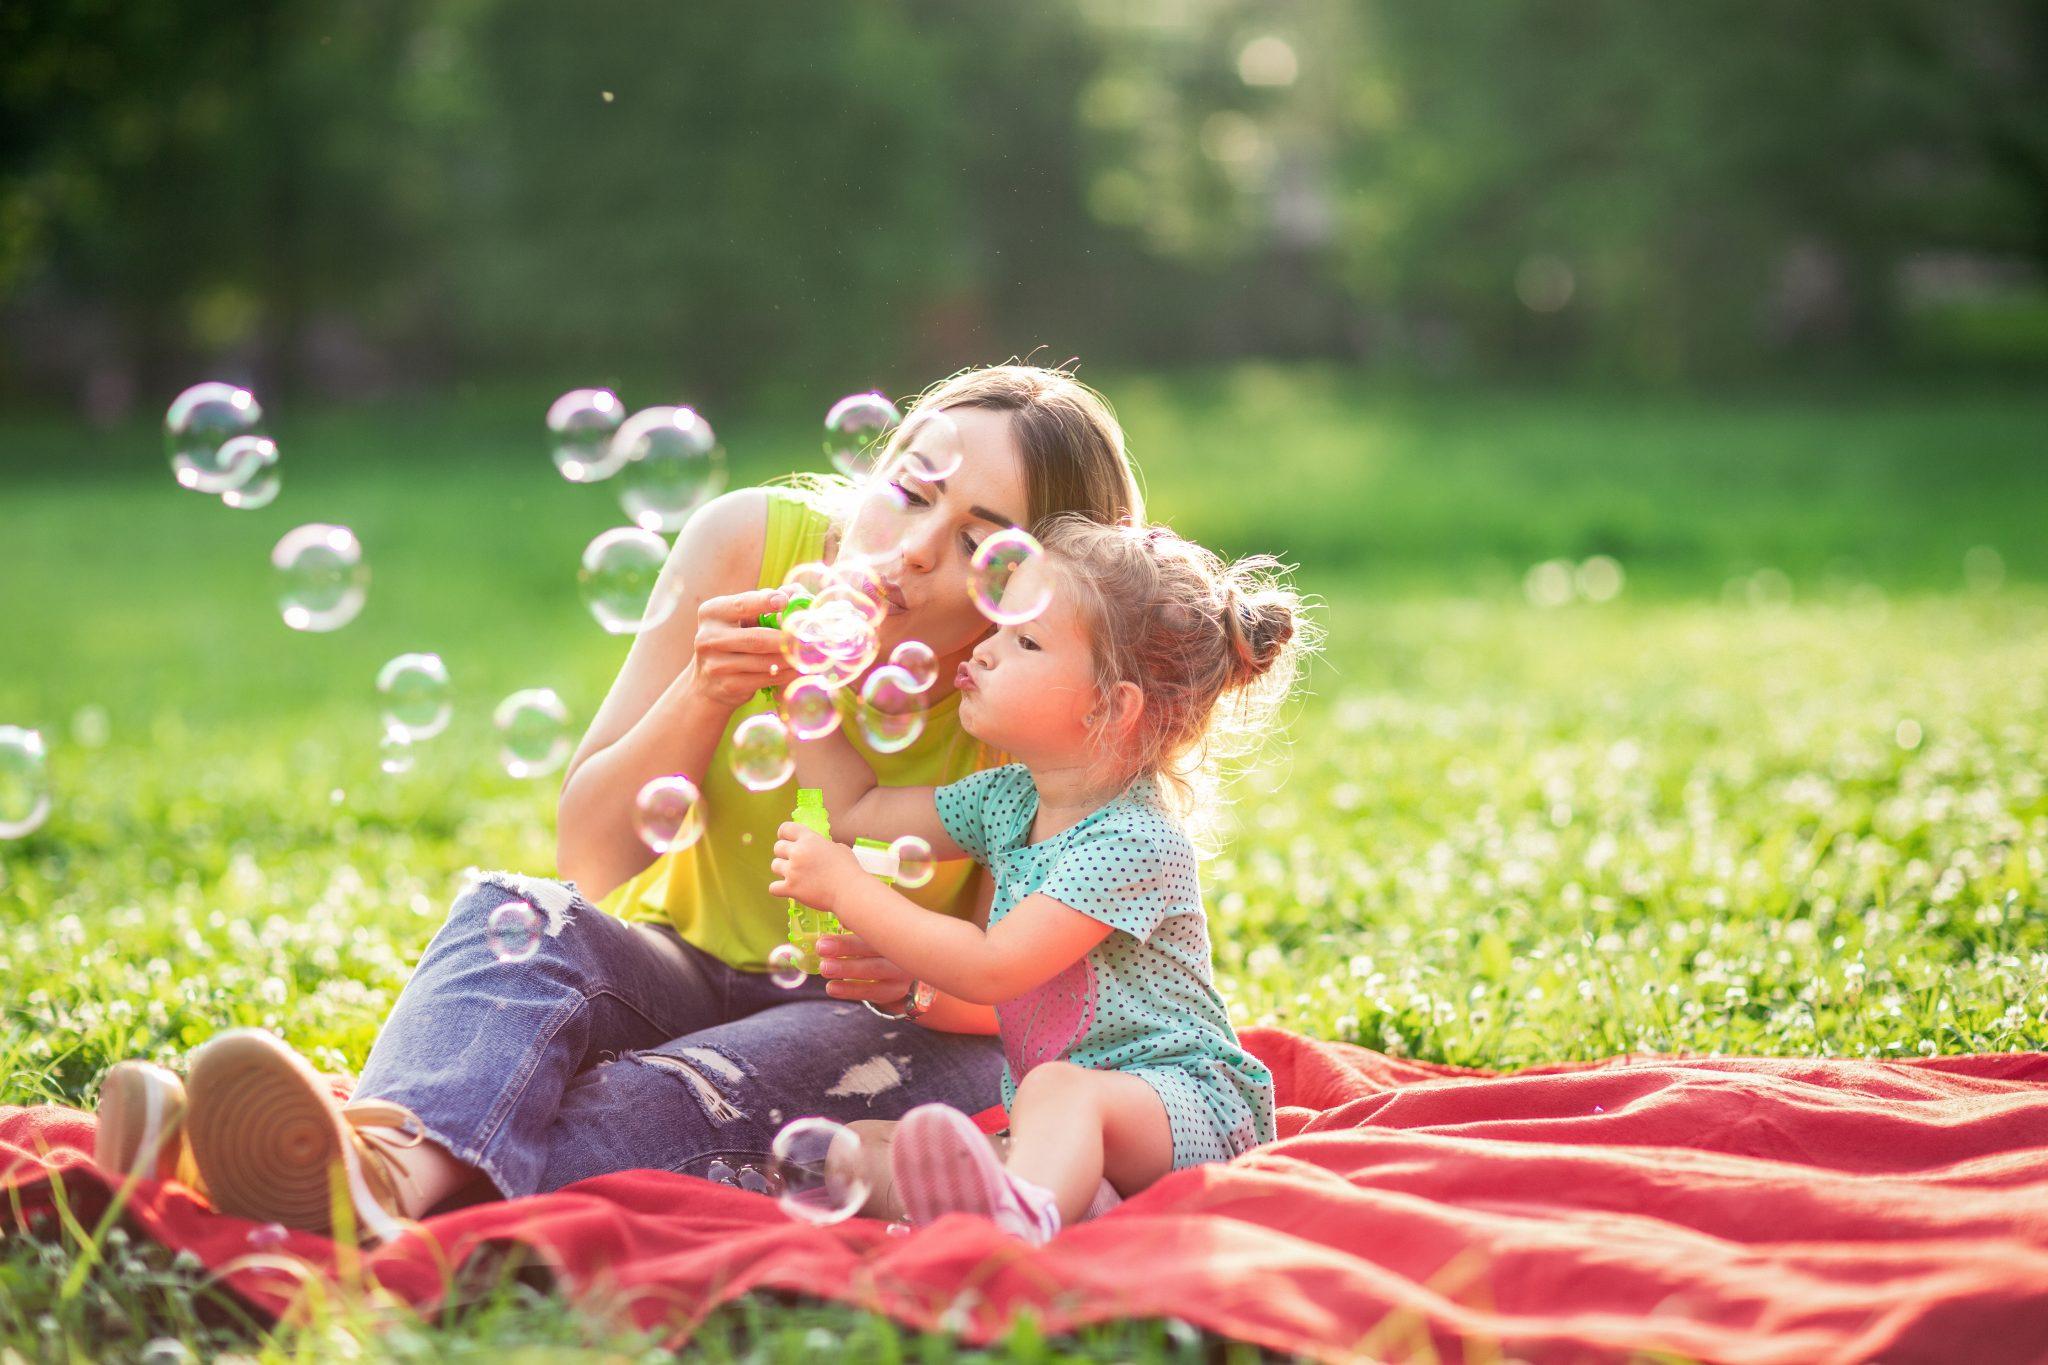 Maternità e imprenditoria nel turismo enogastronomico - Picnic Chic